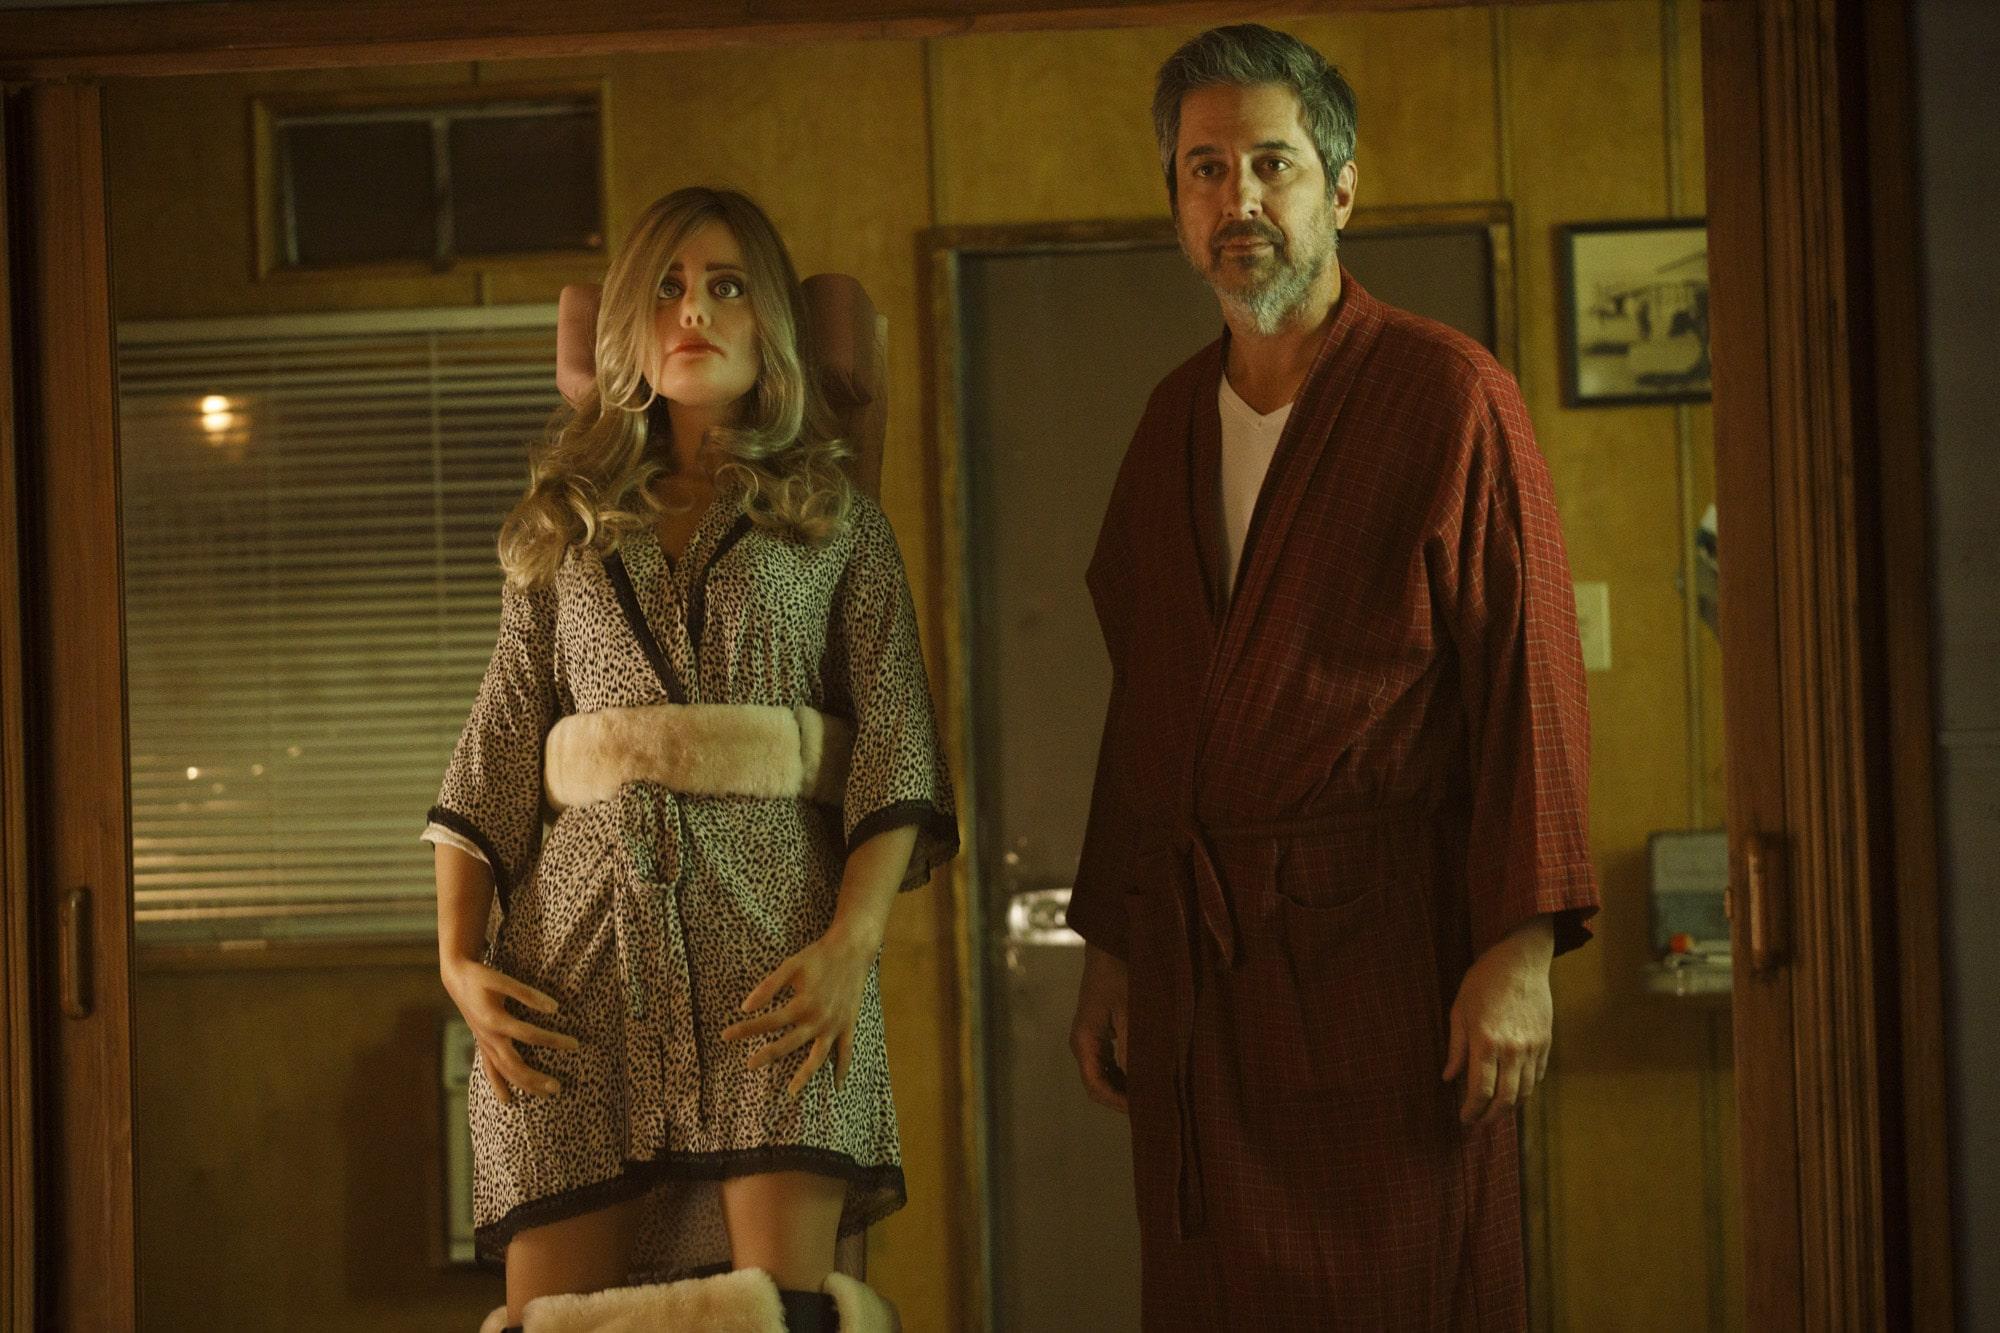 Cena da série Made For Love. No centro da foto está Herbert, interpretado pelo ator Ray Romano. Ele é um homem branco, de barba e cabelo grisalho. Ele veste um roupão vinho. Ao seu lado está uma boneca em tamanho real, ela é loira de olhos azuis, usa um robe estampado e se chama Diane.